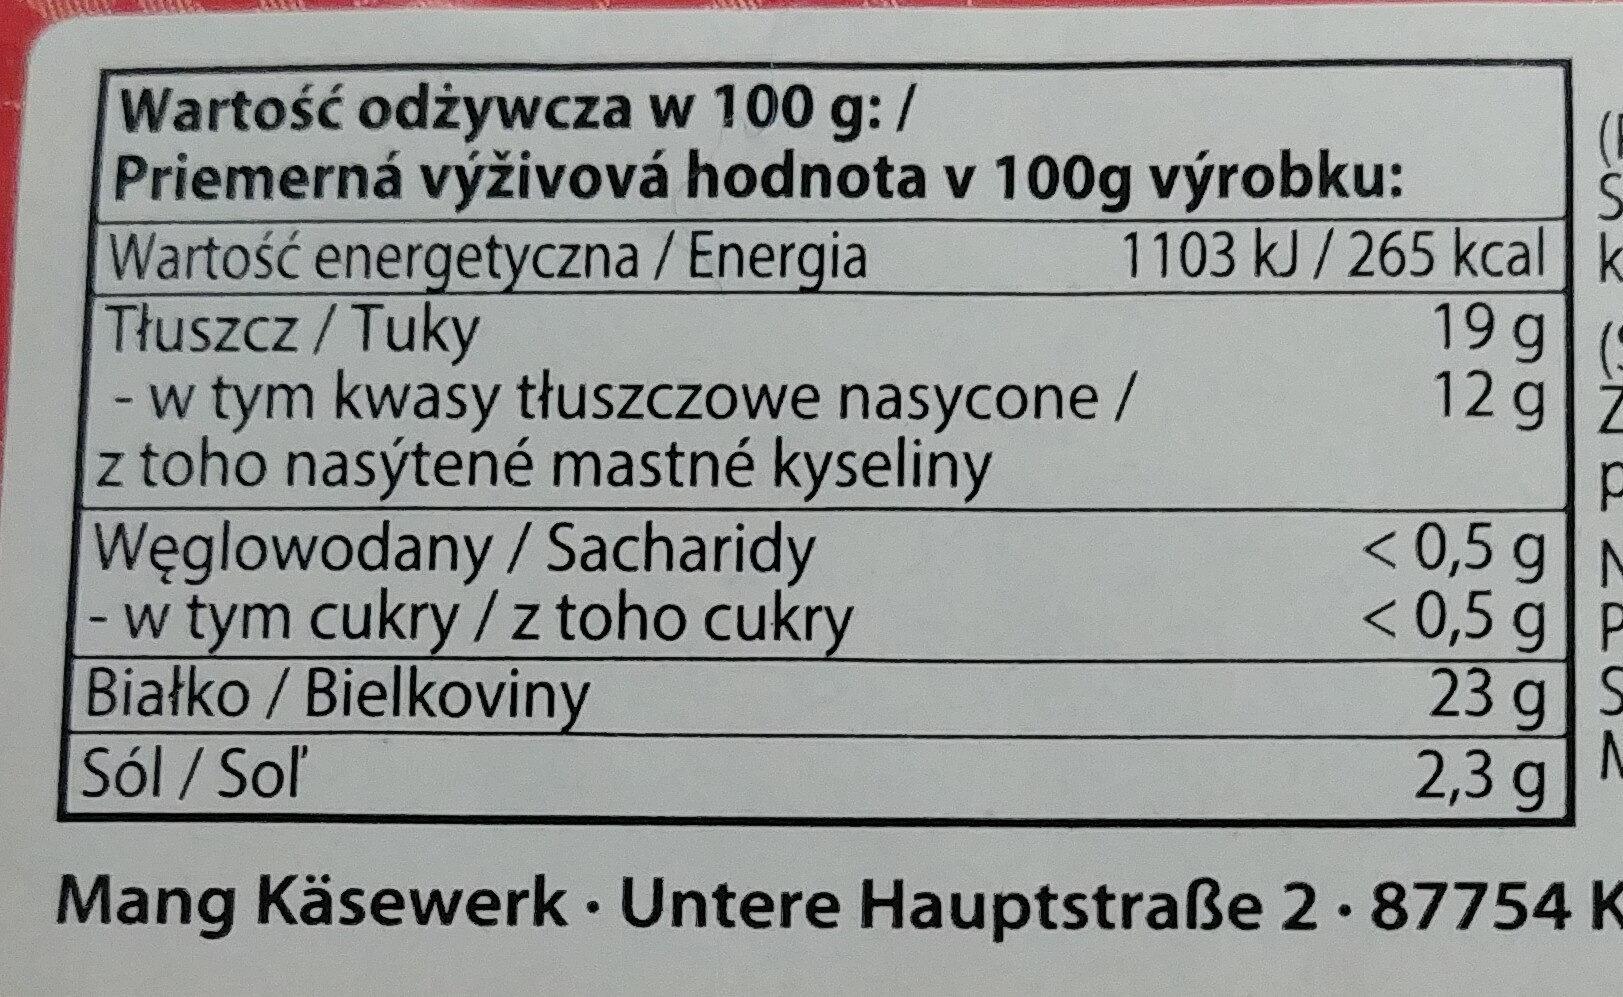 Limburger - ser miękki 40% tłuszczu - Wartości odżywcze - pl